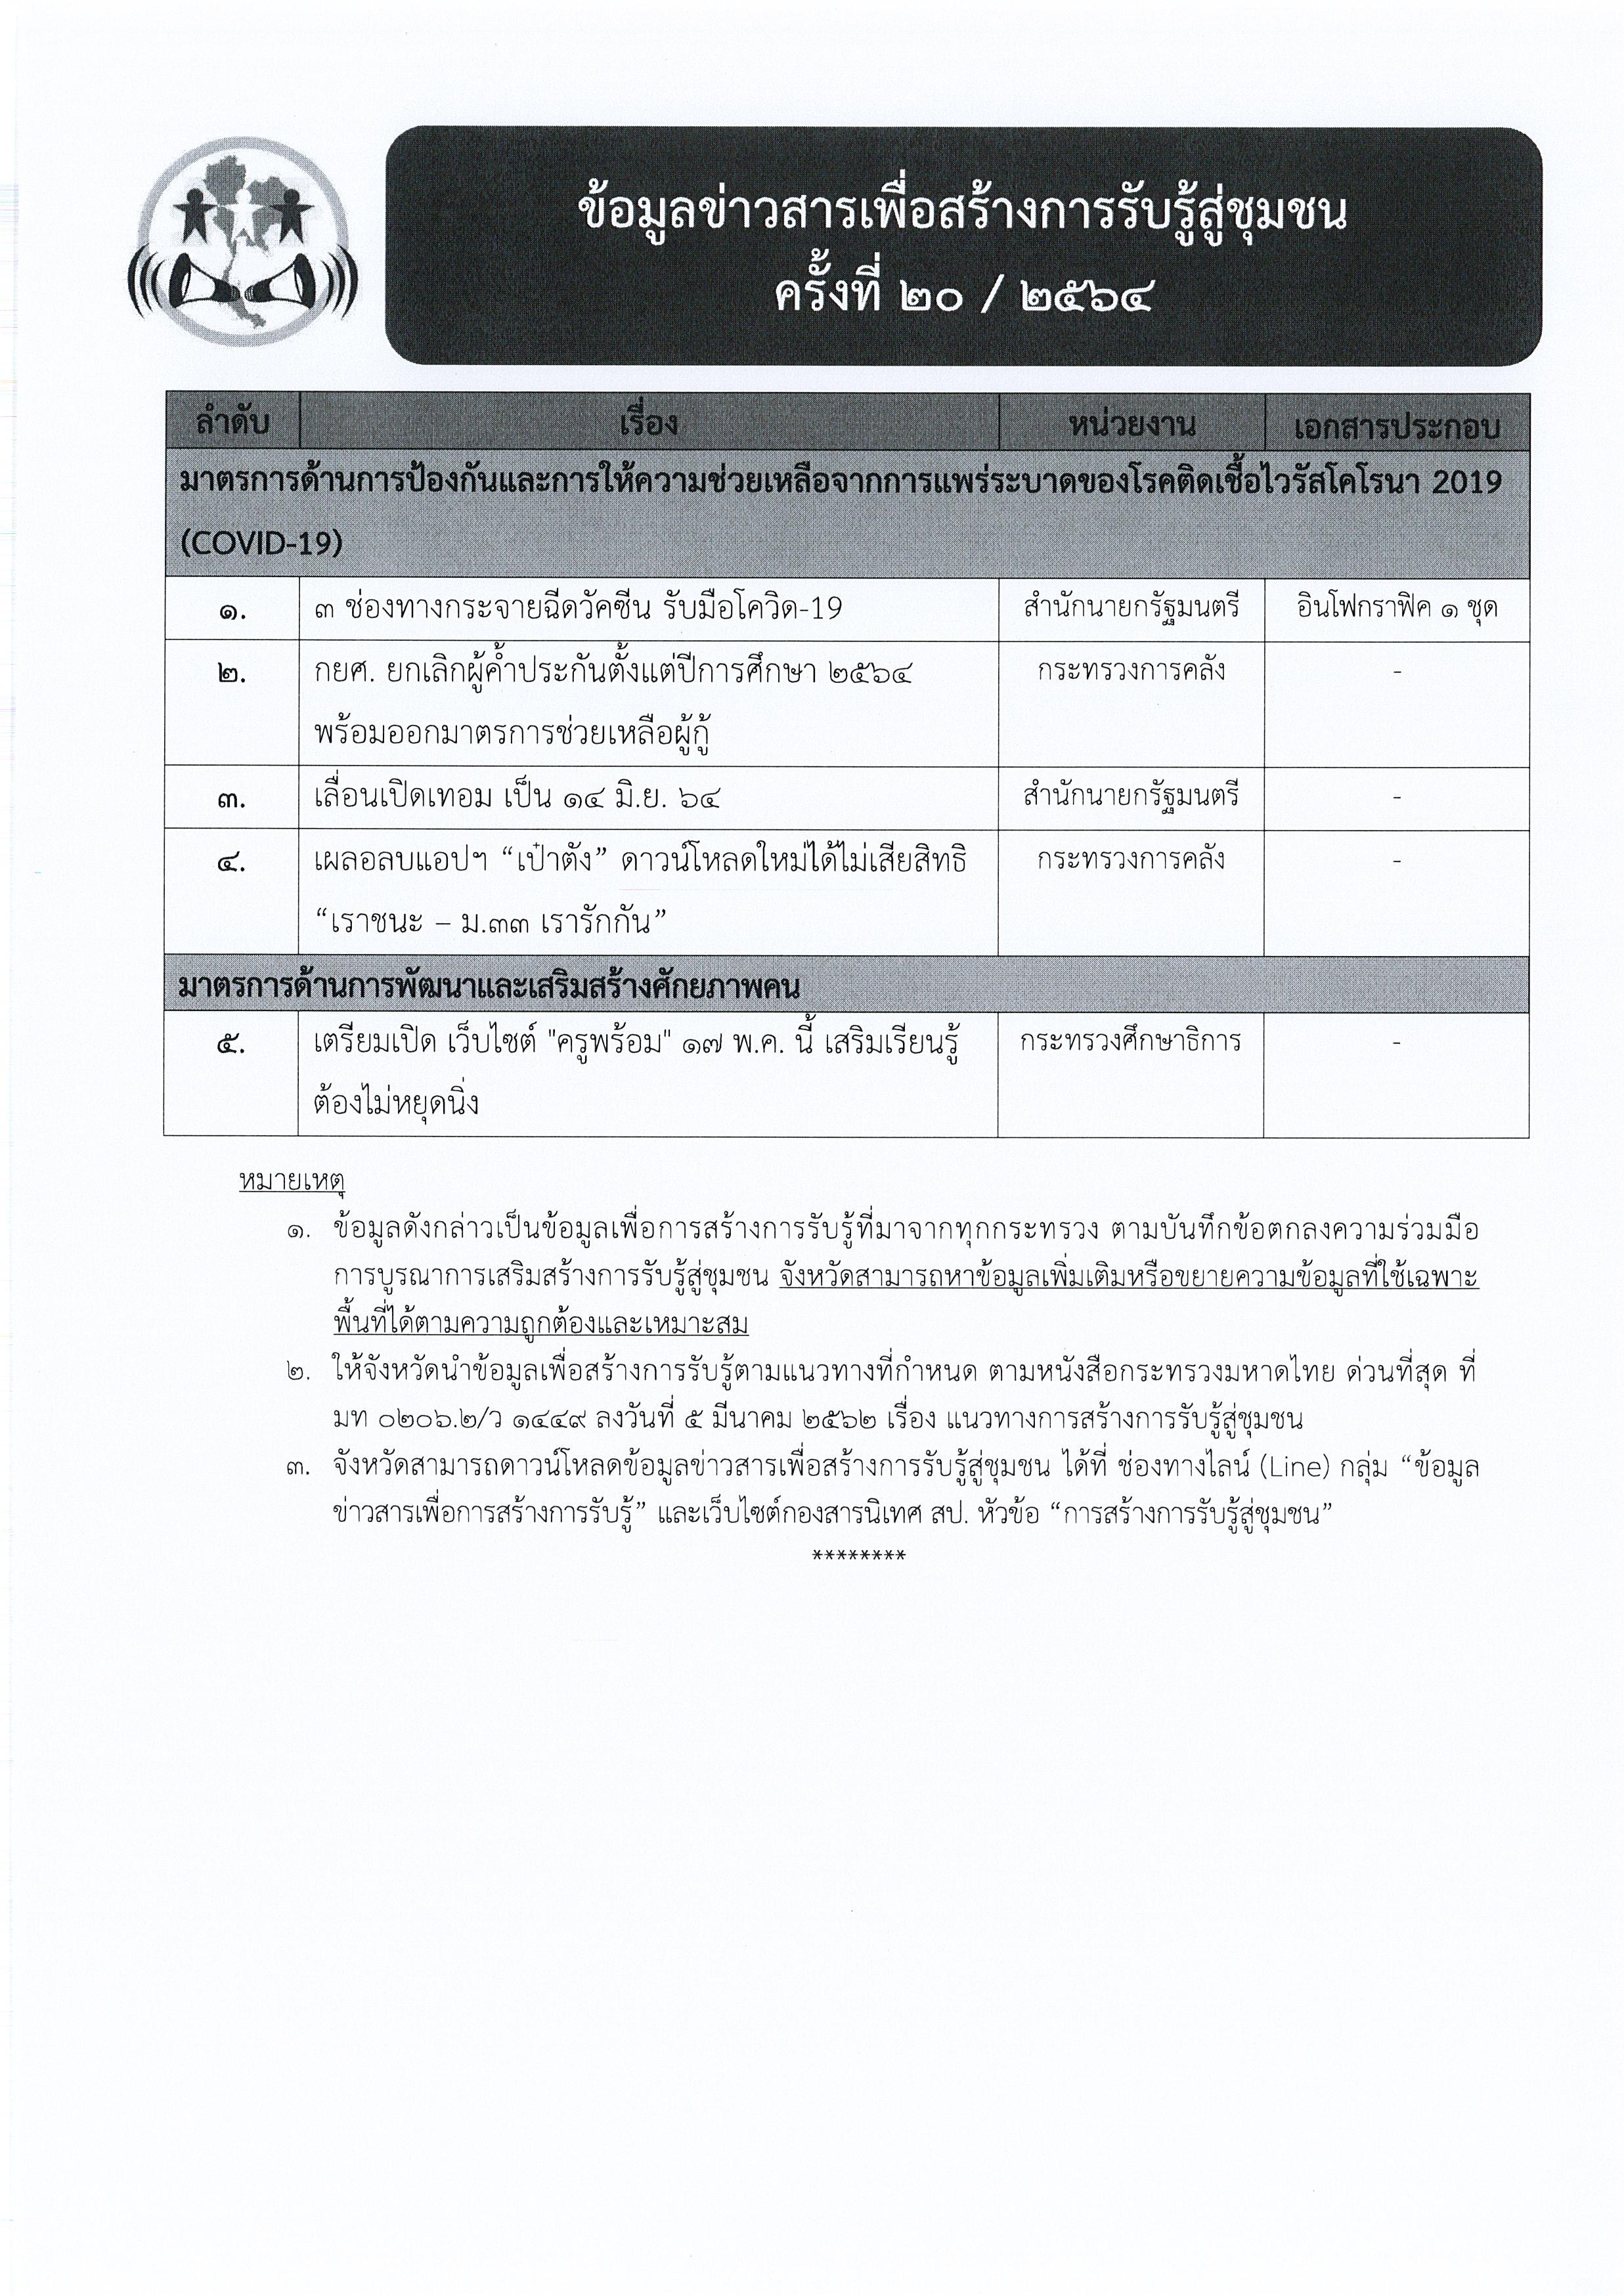 ข้อมูลข่าวสารเพื่อสร้างการรับรู้สู่ชุมชุน ครั้งที่ 20/2564